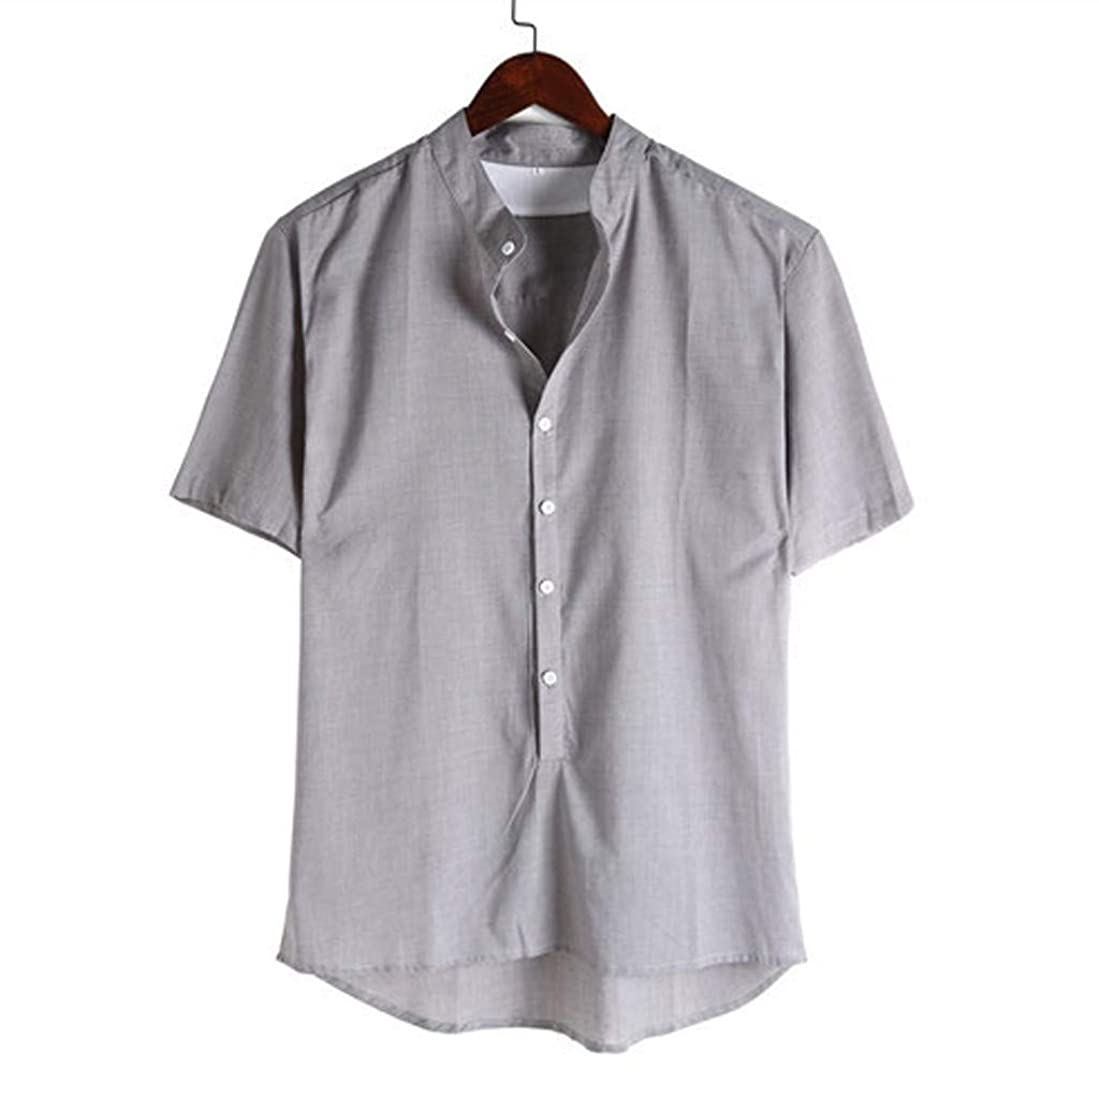 ライム劣る慣らすTシャツ メンズ おおきいサイズ OD企画 無地 スウェットメンズ Tシャツ 半袖 リネン Vネックストリート系 麻 五分袖 デサント おもしろ カットソー ゆったり 丸首 スリム 綿 吸汗速乾 トップス 春夏 部屋着 普段着 Tシャツ